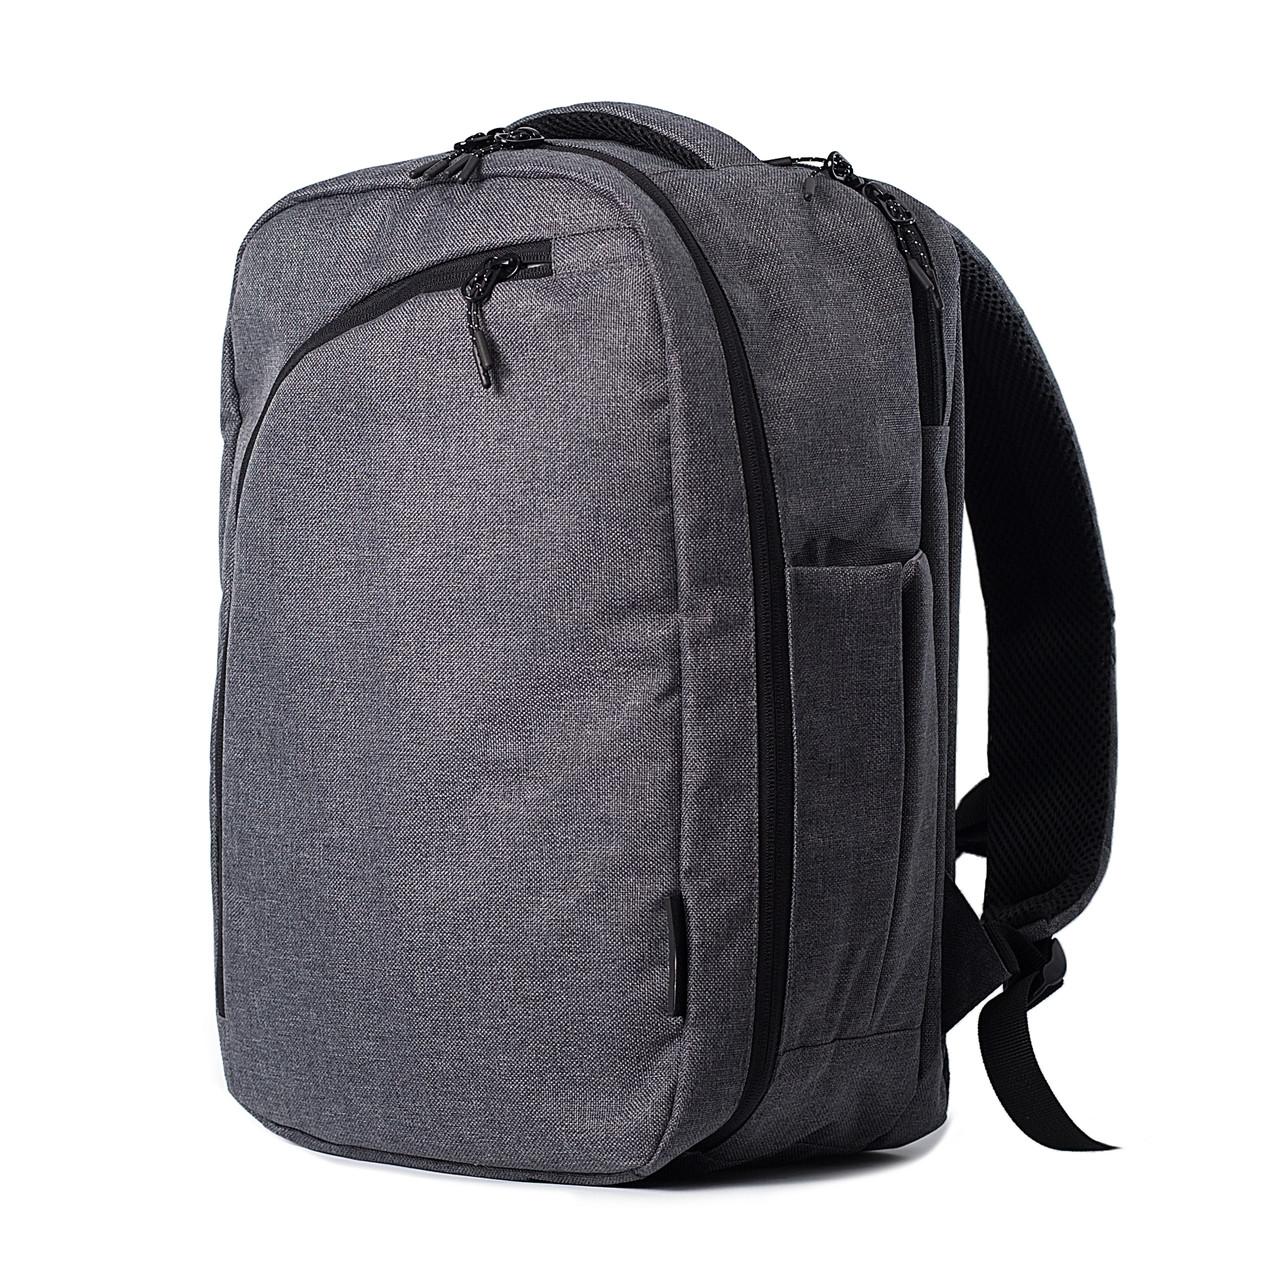 Городской рюкзак для ноутбука Wasco Gen Fly 40x25x20 Графит